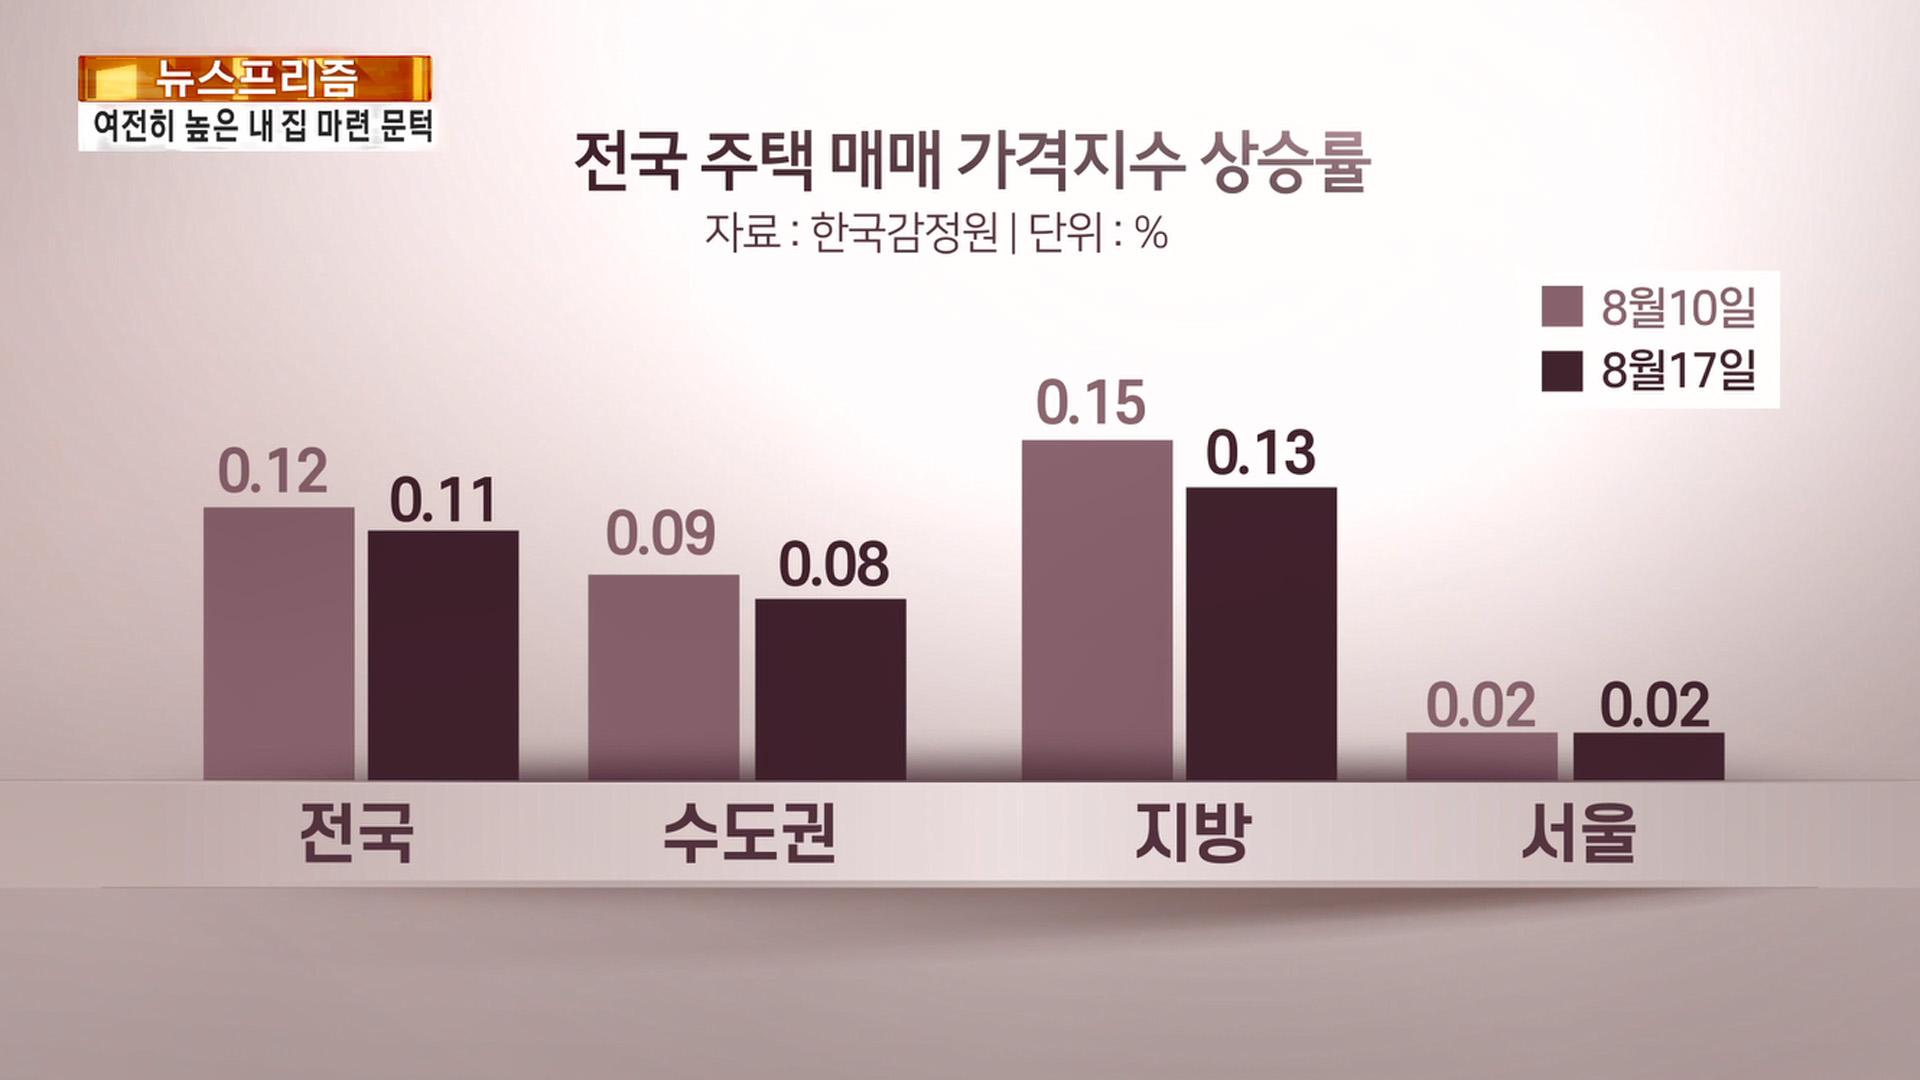 [뉴스프리즘] 집값 오르고 전세품귀…여전히 높은 내집 마련 문턱